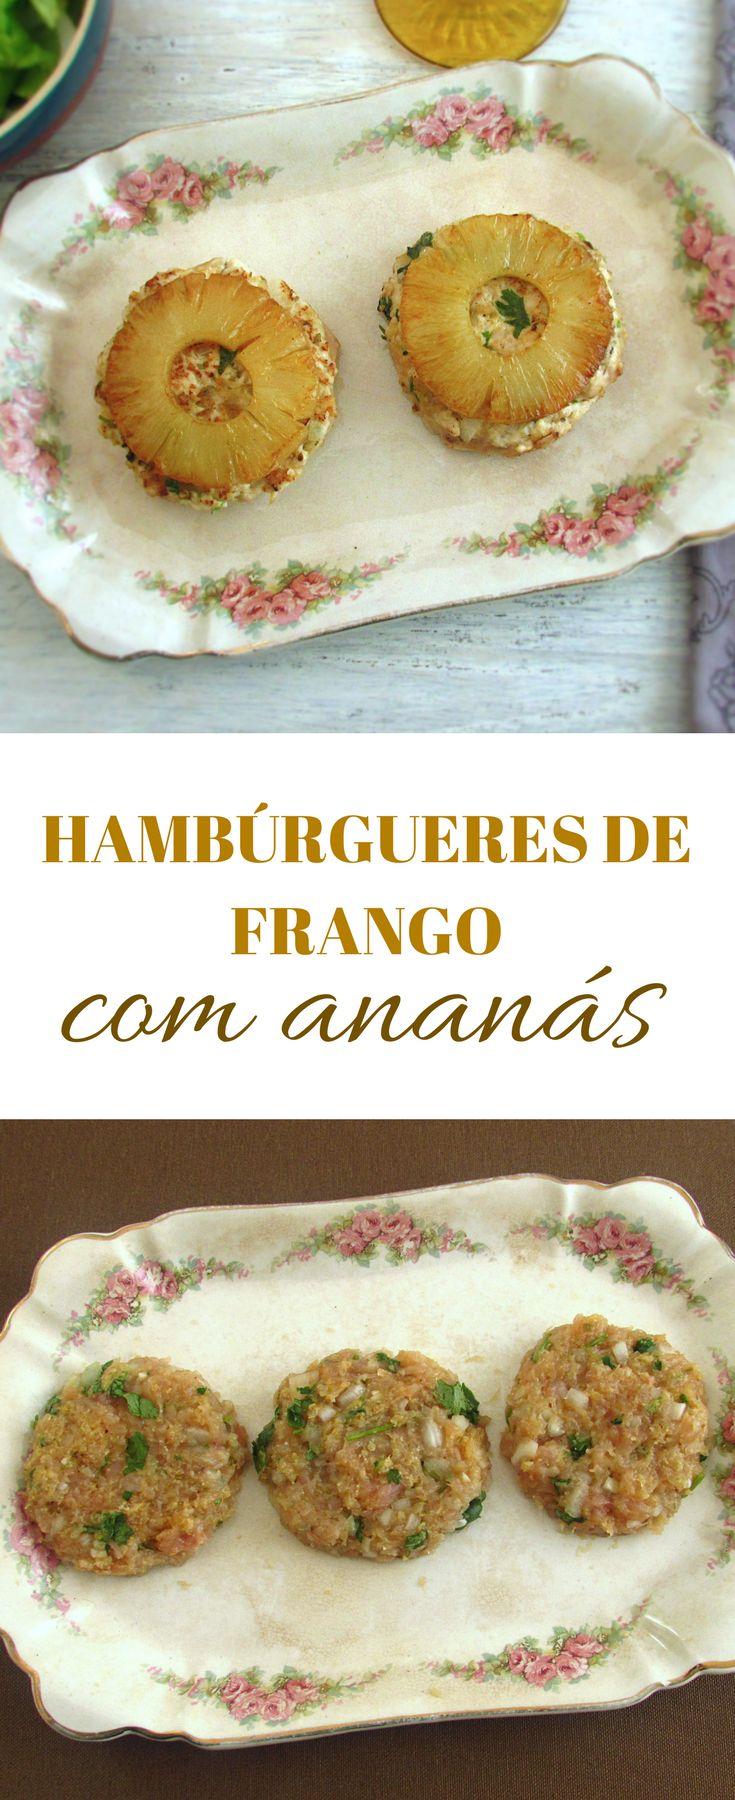 Hambúrgueres de frango com ananás | Food From Portugal. Esta receita de hambúrgueres de frango é bastante saudável, fácil de preparar e é o almoço ideal para dar aos seus filhos. Atreva-se! #receita #hambúrgueres #frango #ananás